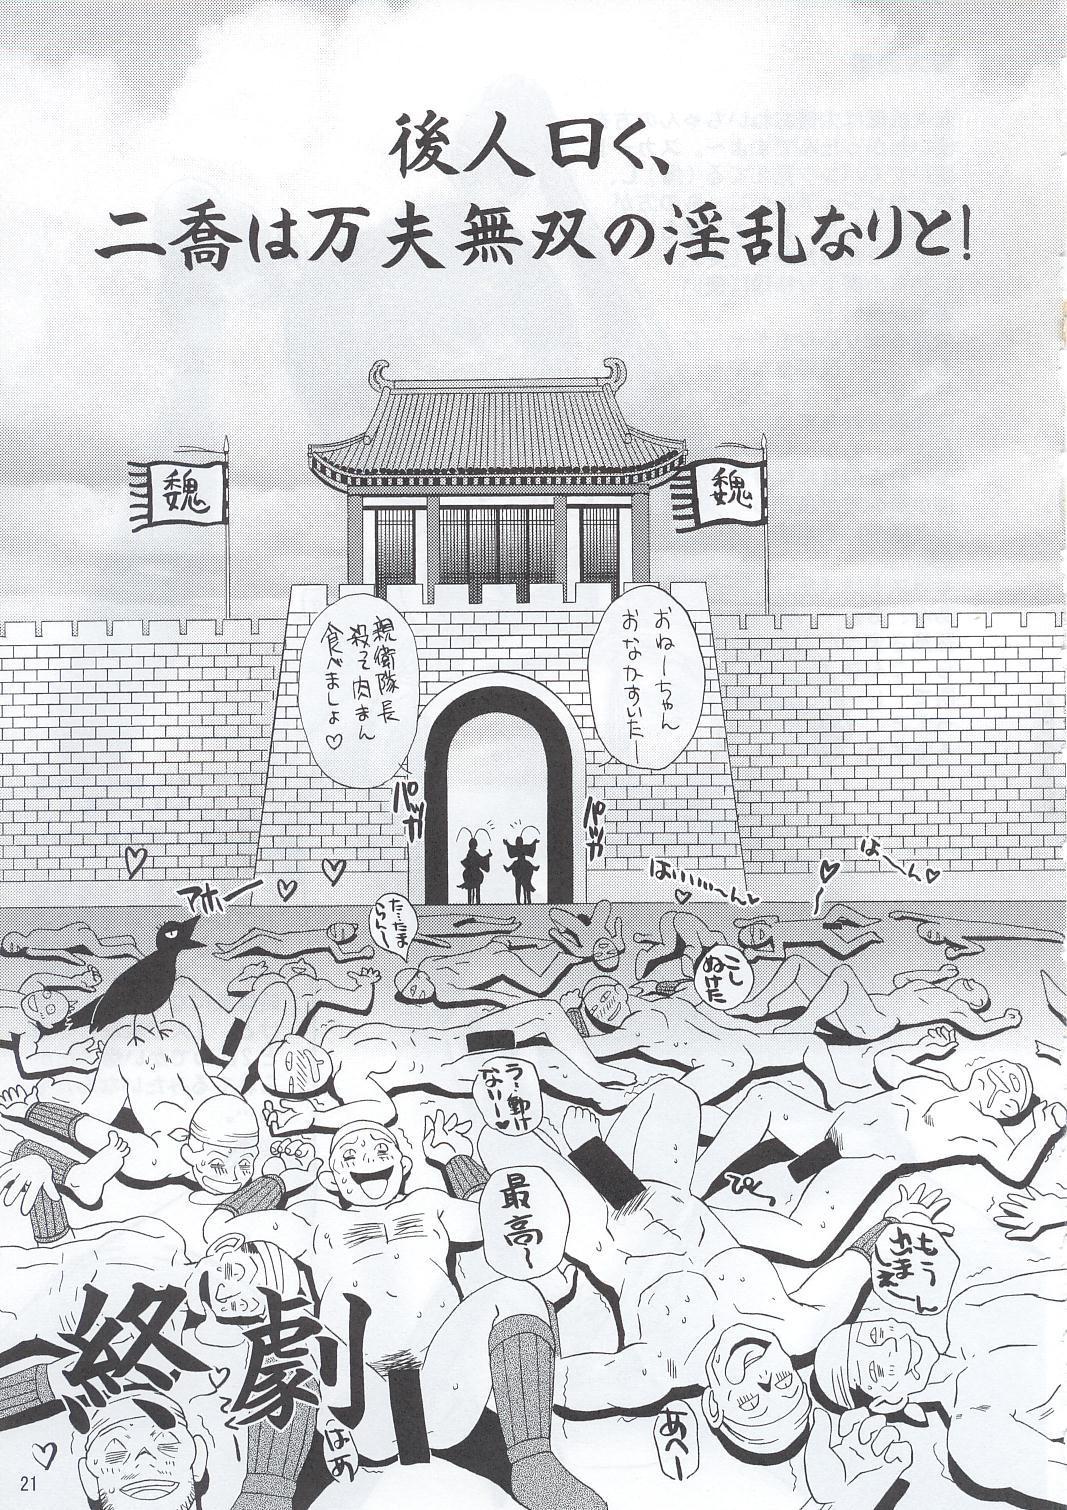 In Sangoku Musou 19